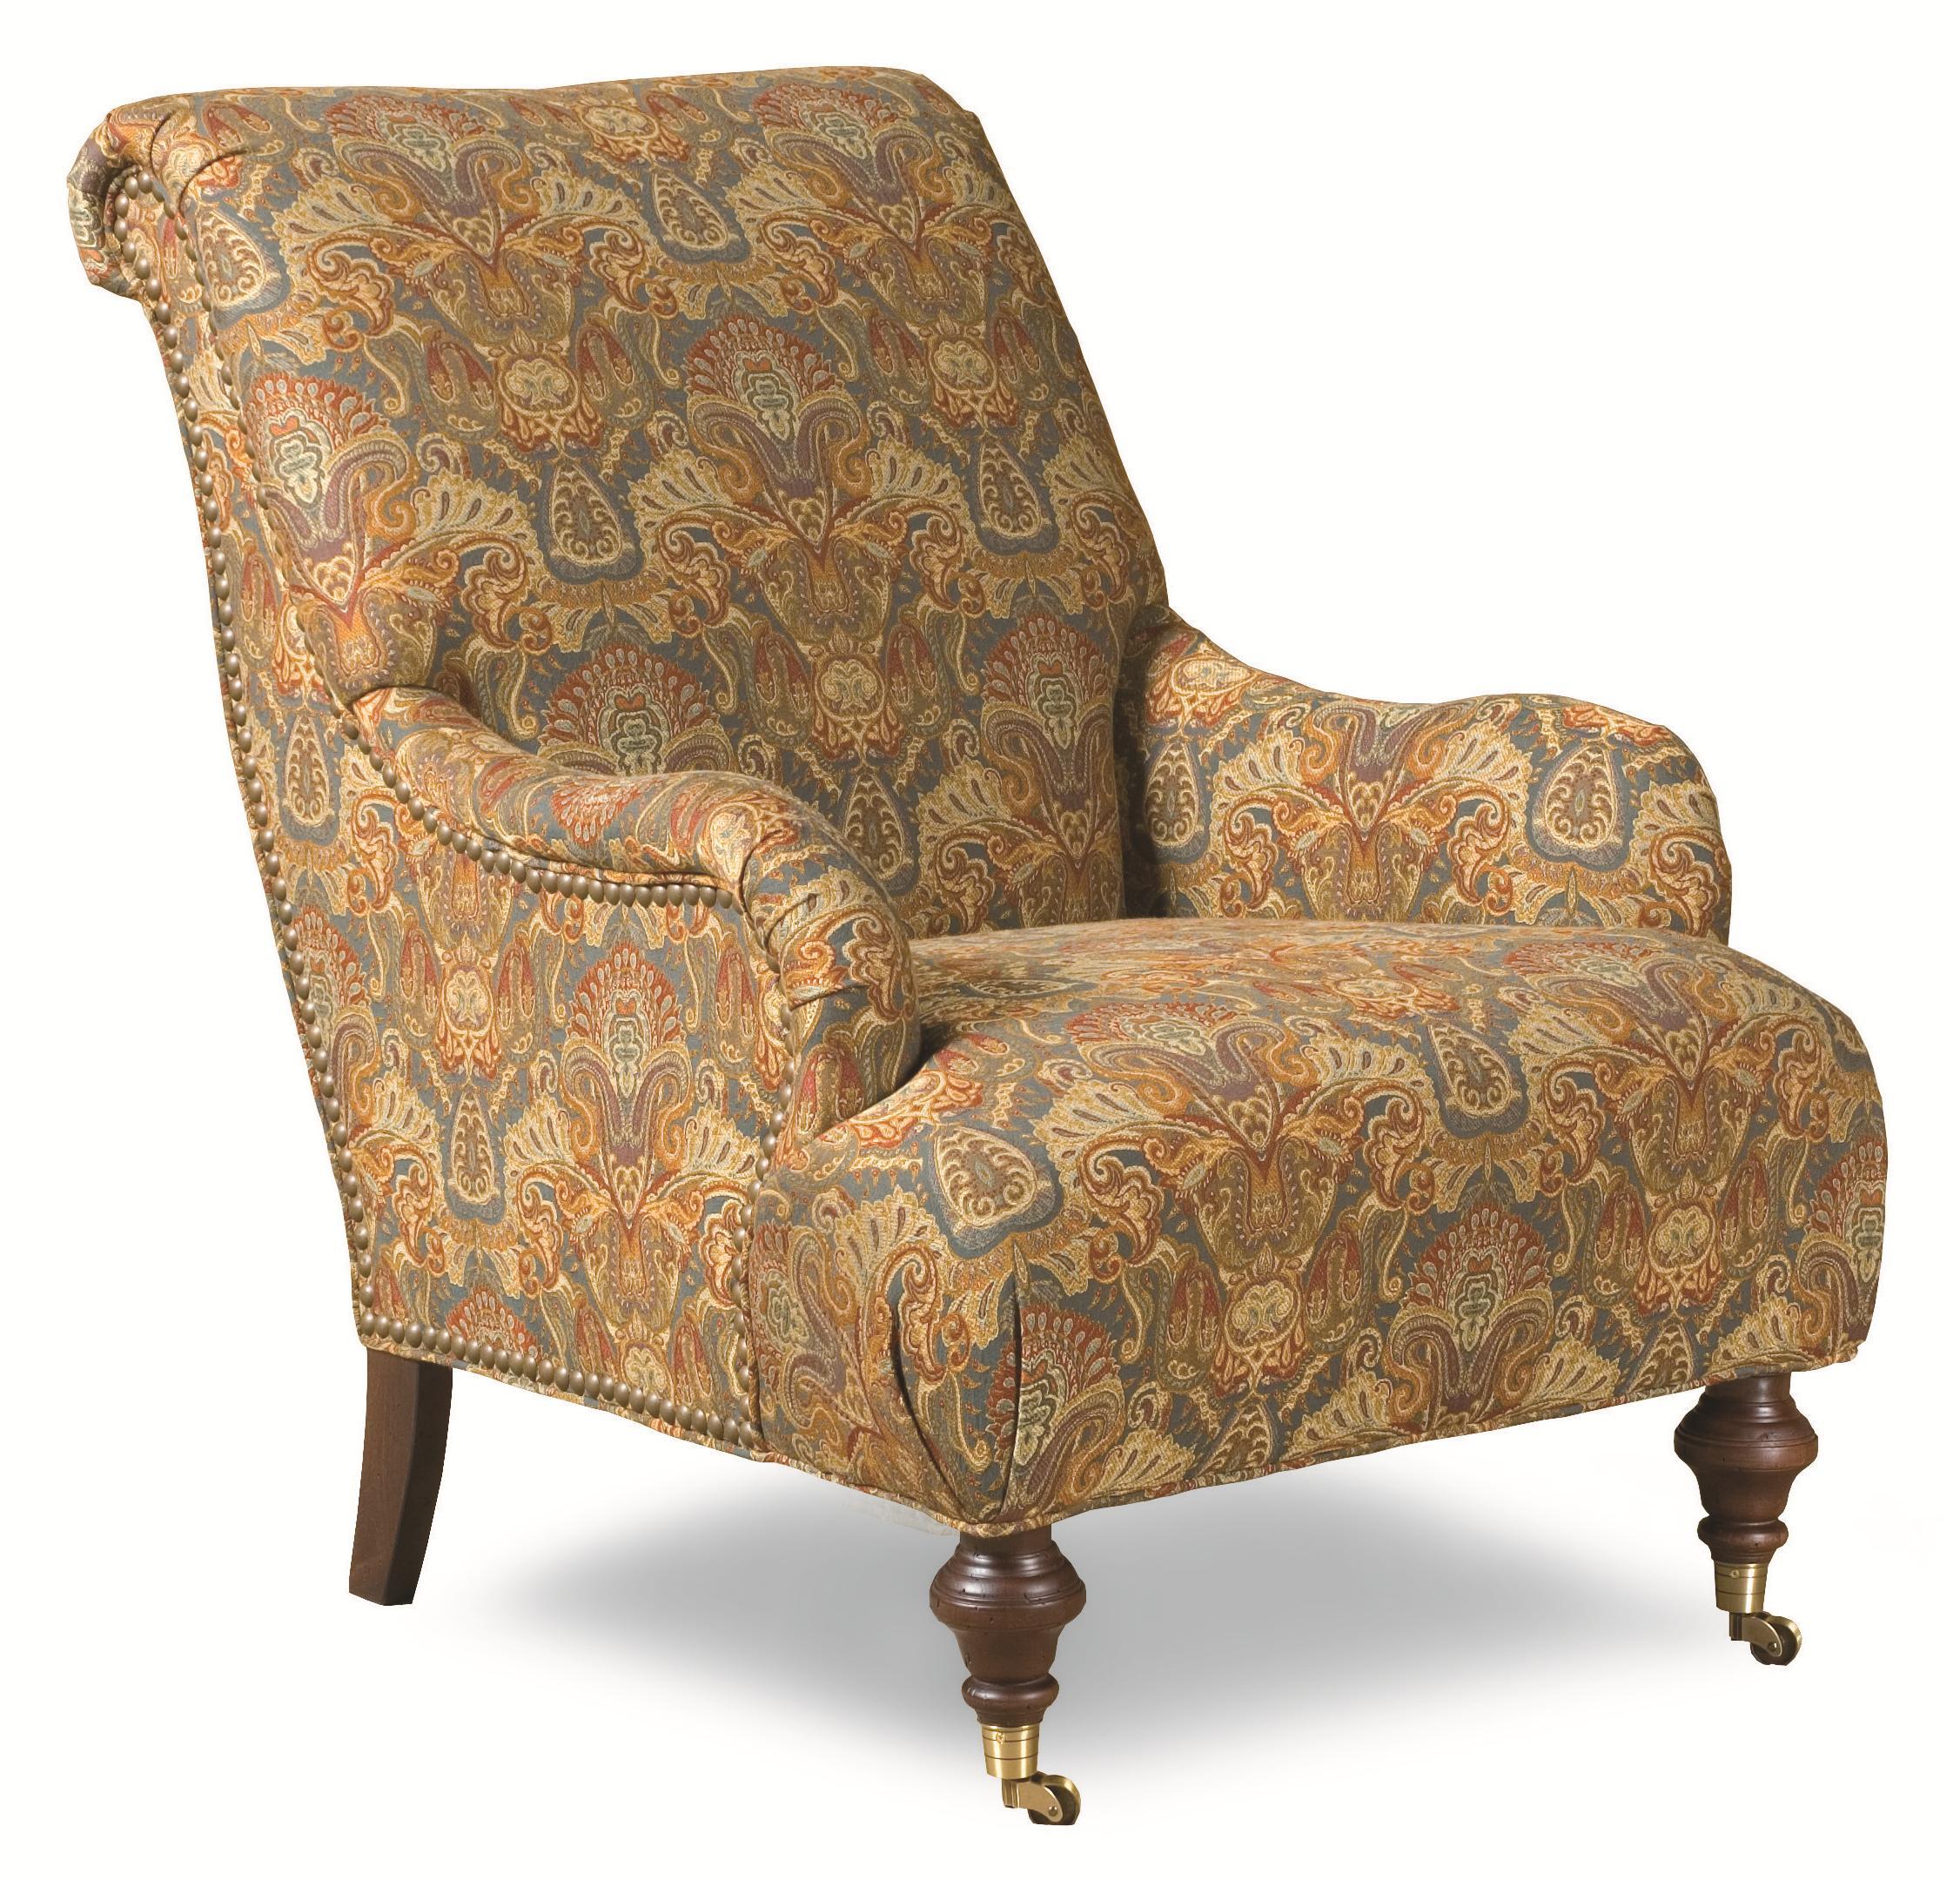 7372 Chair by Geoffrey Alexander at Sprintz Furniture